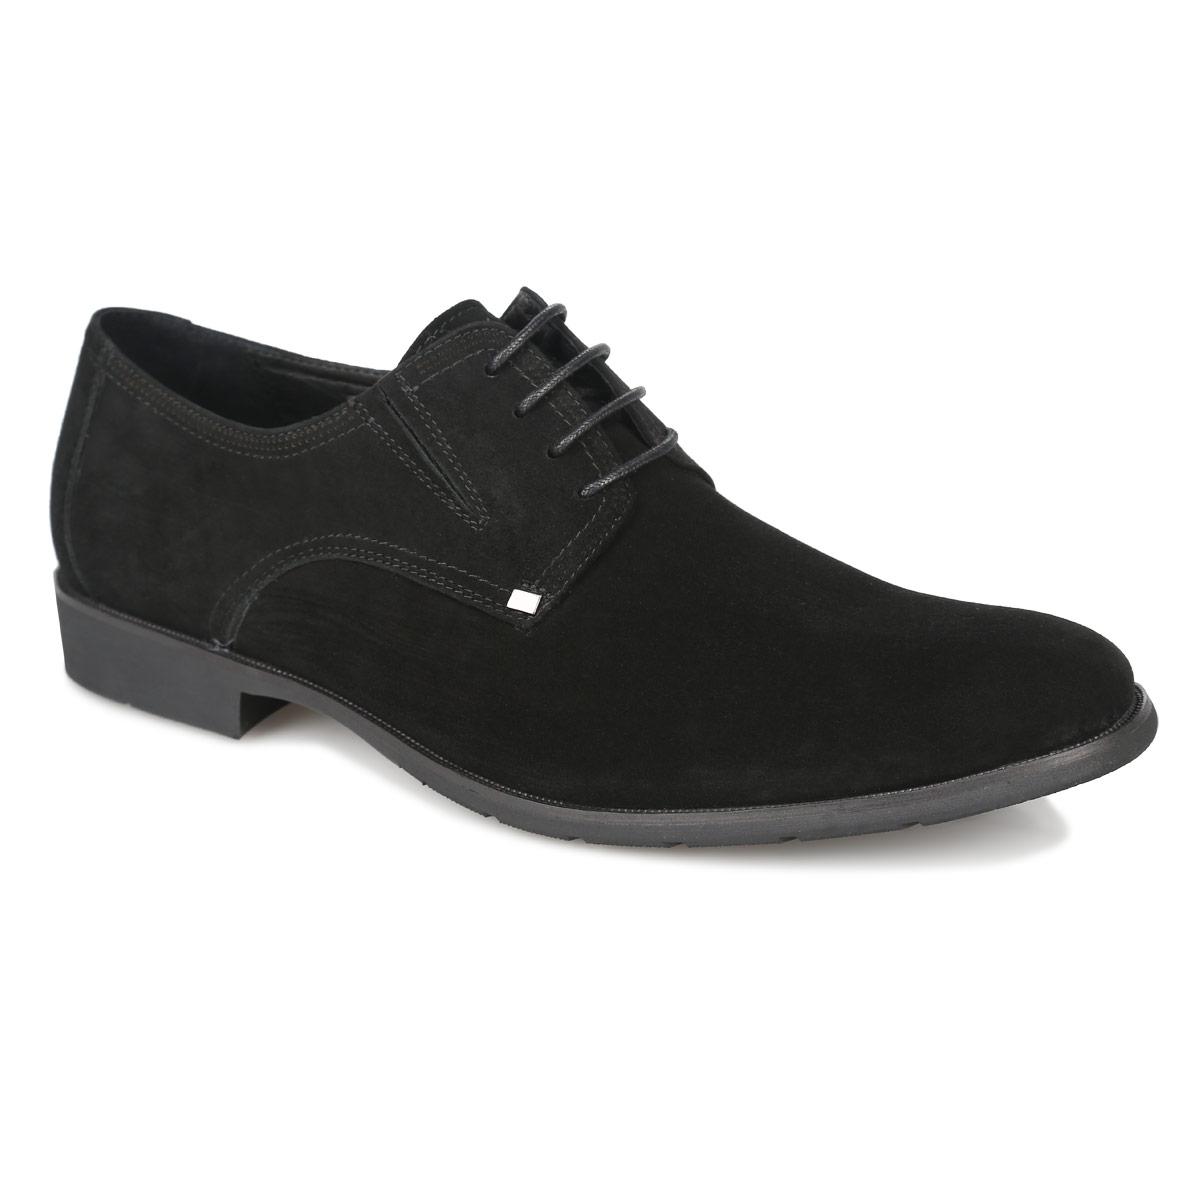 Туфли мужские. 102-17-129102-17-129Стильные мужские туфли от Dino Ricci не оставят вас равнодушным! Модель выполнена из велюра. Стелька, выполненная из натуральной кожи, обеспечивает комфорт при ходьбе. Шнуровка позволяет надежно фиксировать модель на ноге. Резинки обеспечивают оптимальную посадку модели на ноге. Подошва и каблук дополнены противоскользящим рифлением. Туфли в классическим стиле станут прекрасным дополнением вашего образа.